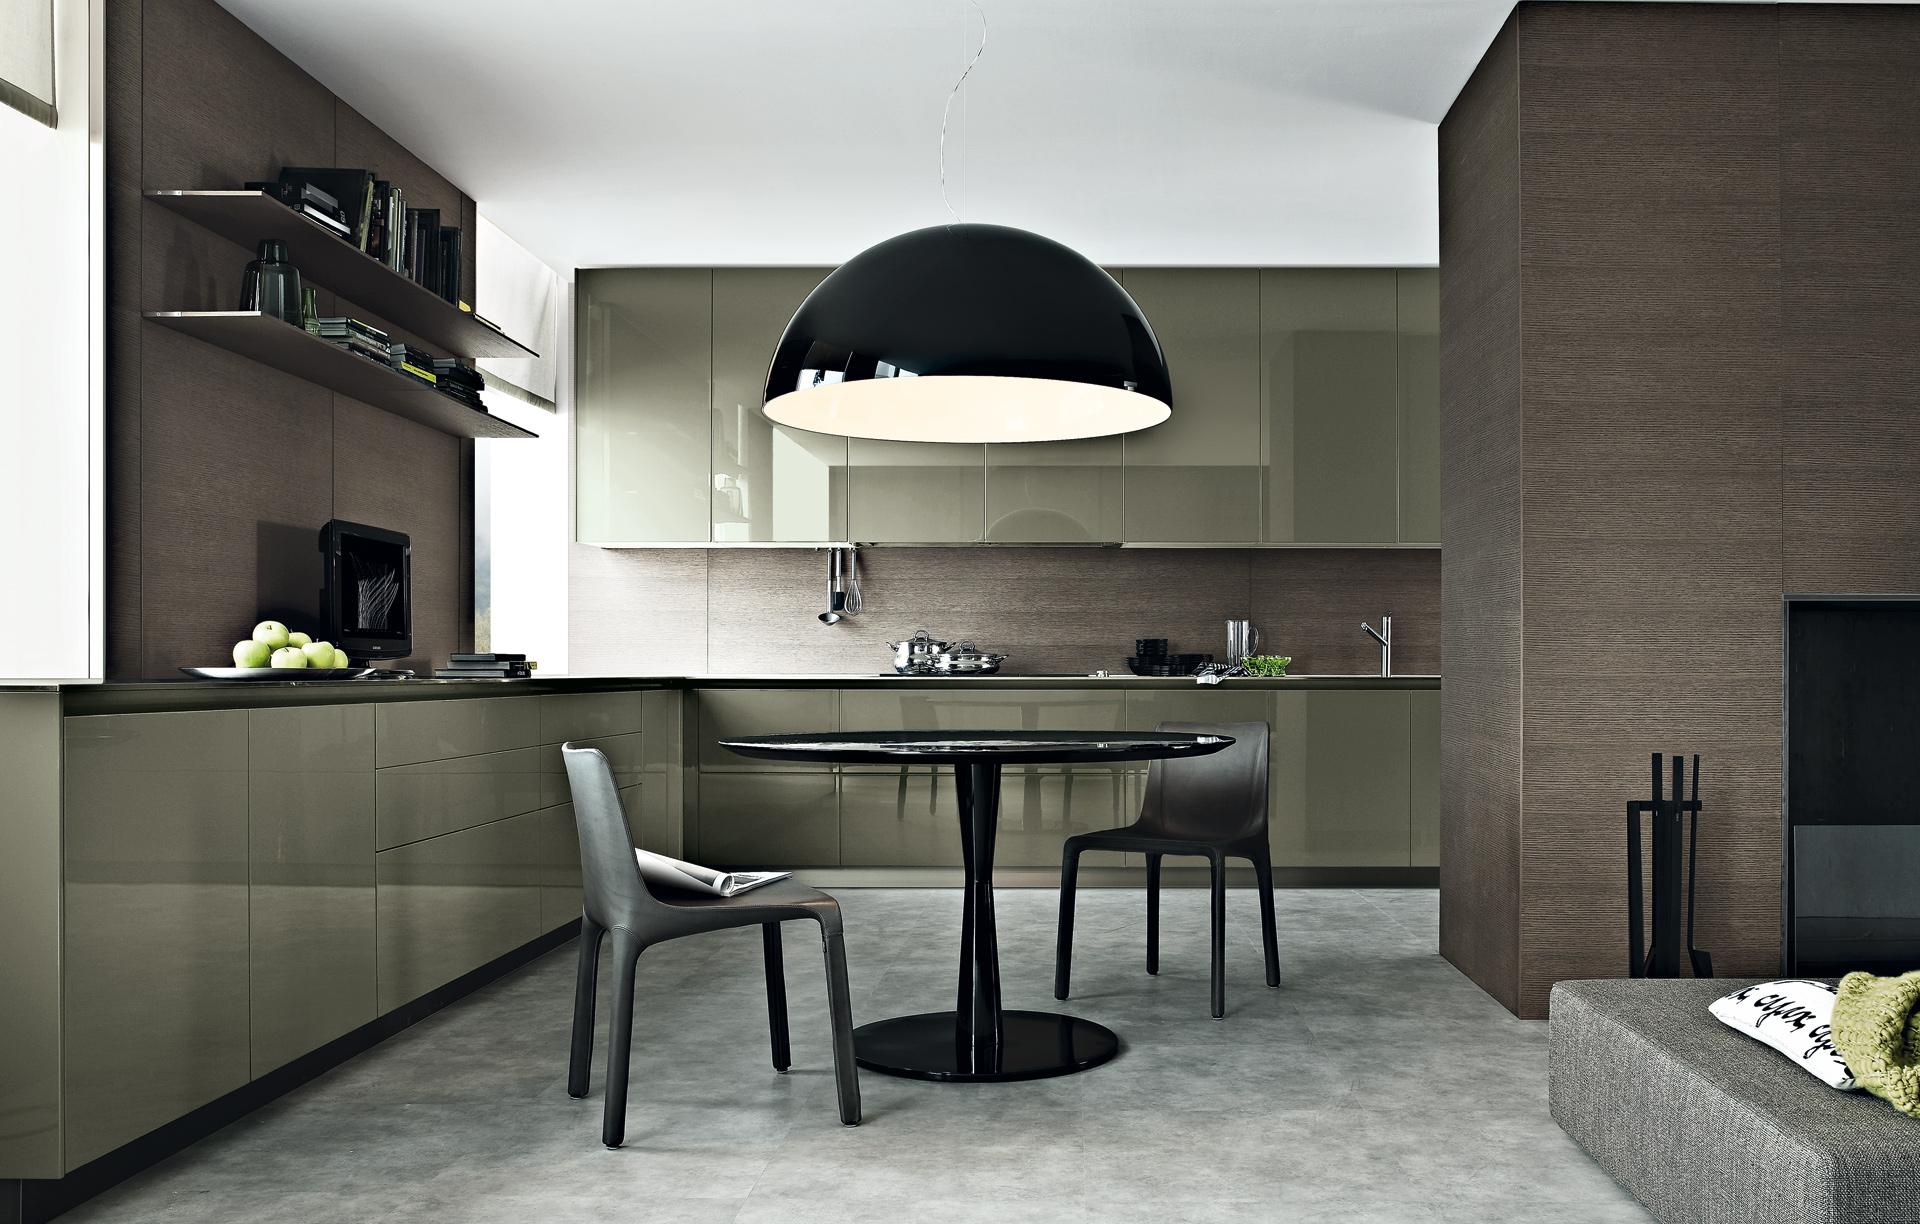 Varenna poliform 23 myhouseidea for Poliform kitchen designs